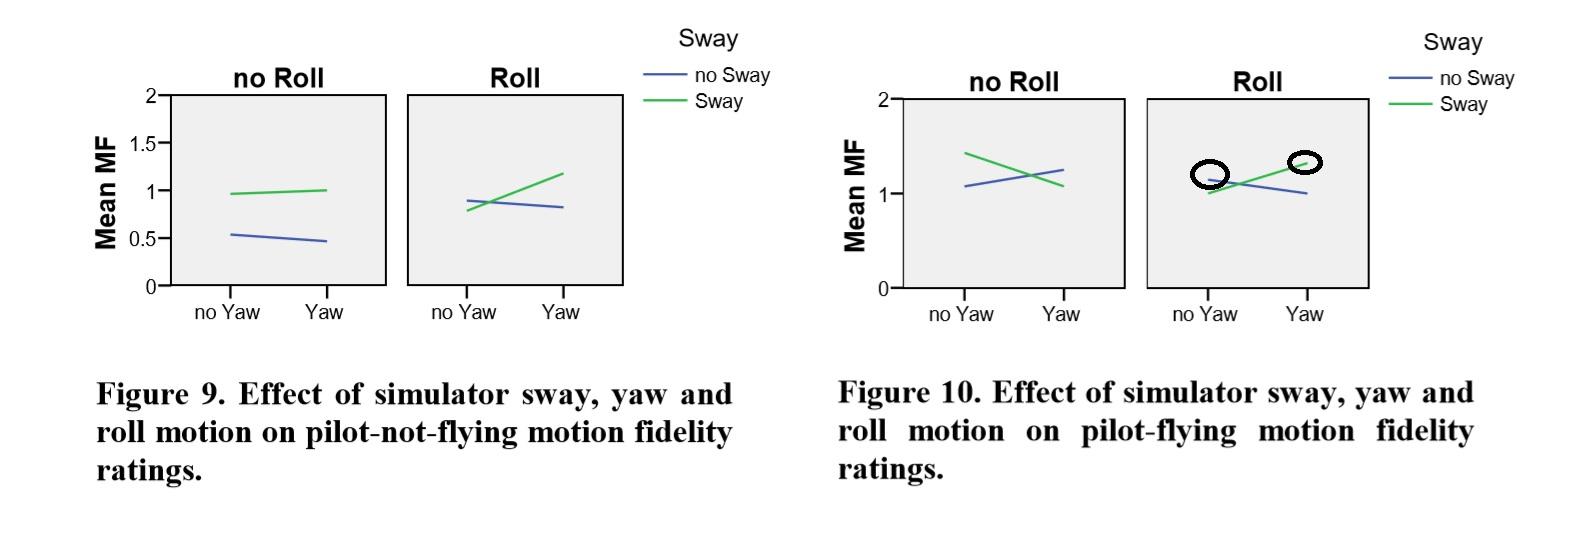 Sway-Yaw-effect.-2.jpg